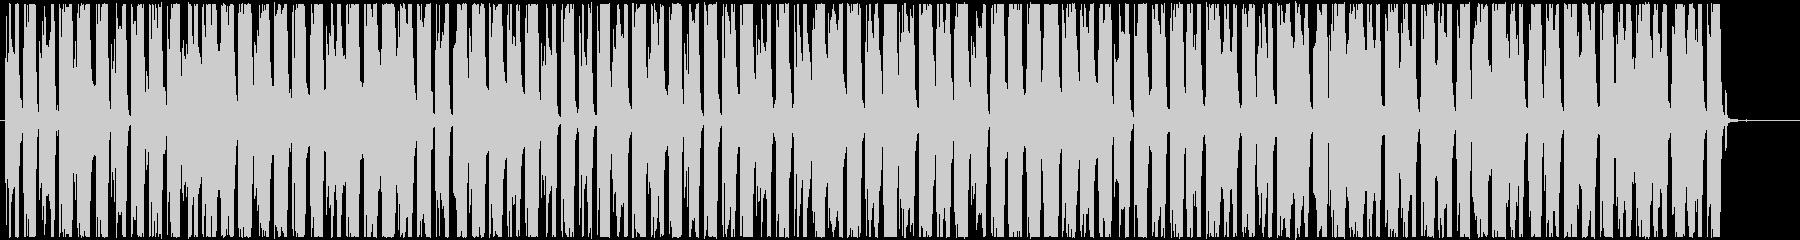 カフェにぴったりボサノバ・ジャズ風ギターの未再生の波形